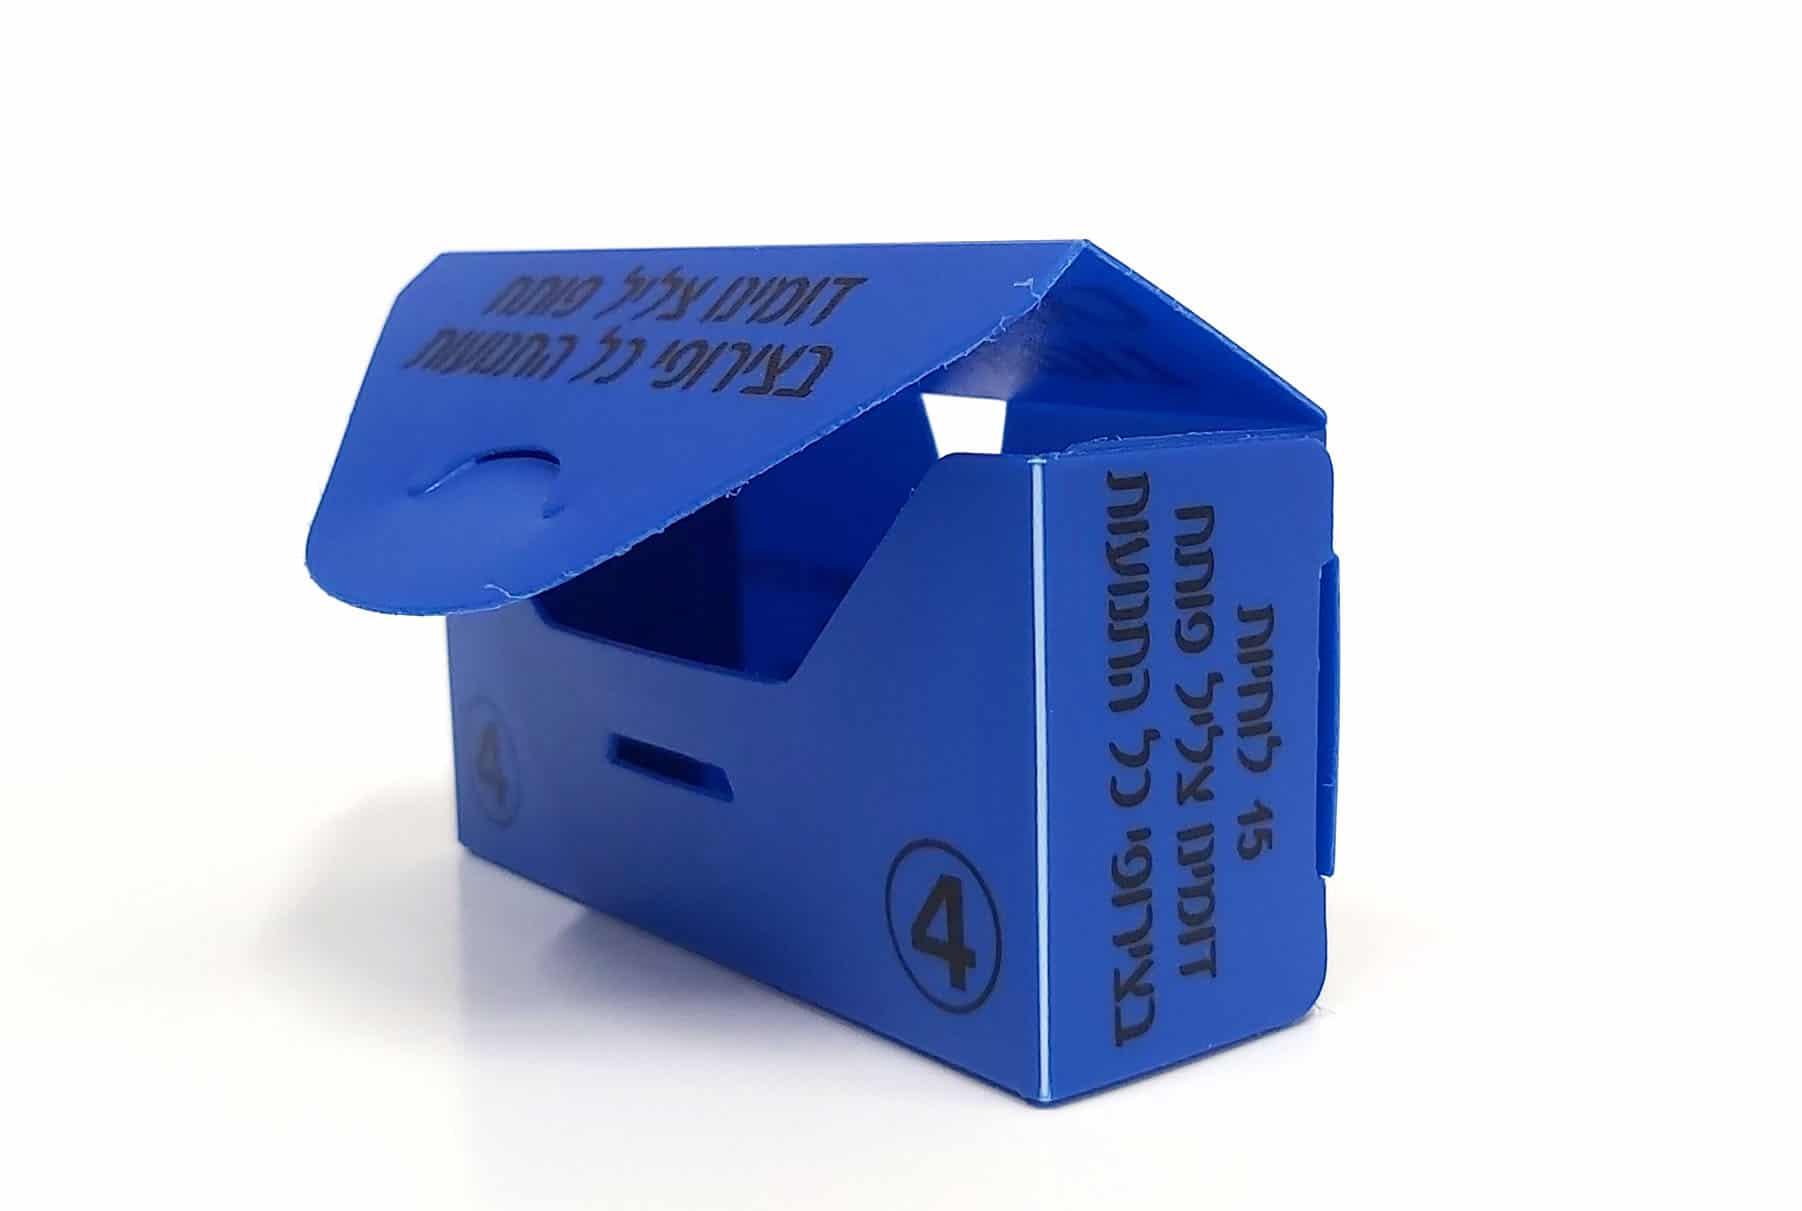 הדפסת אריזות פוליפרופילן בצבע כחול